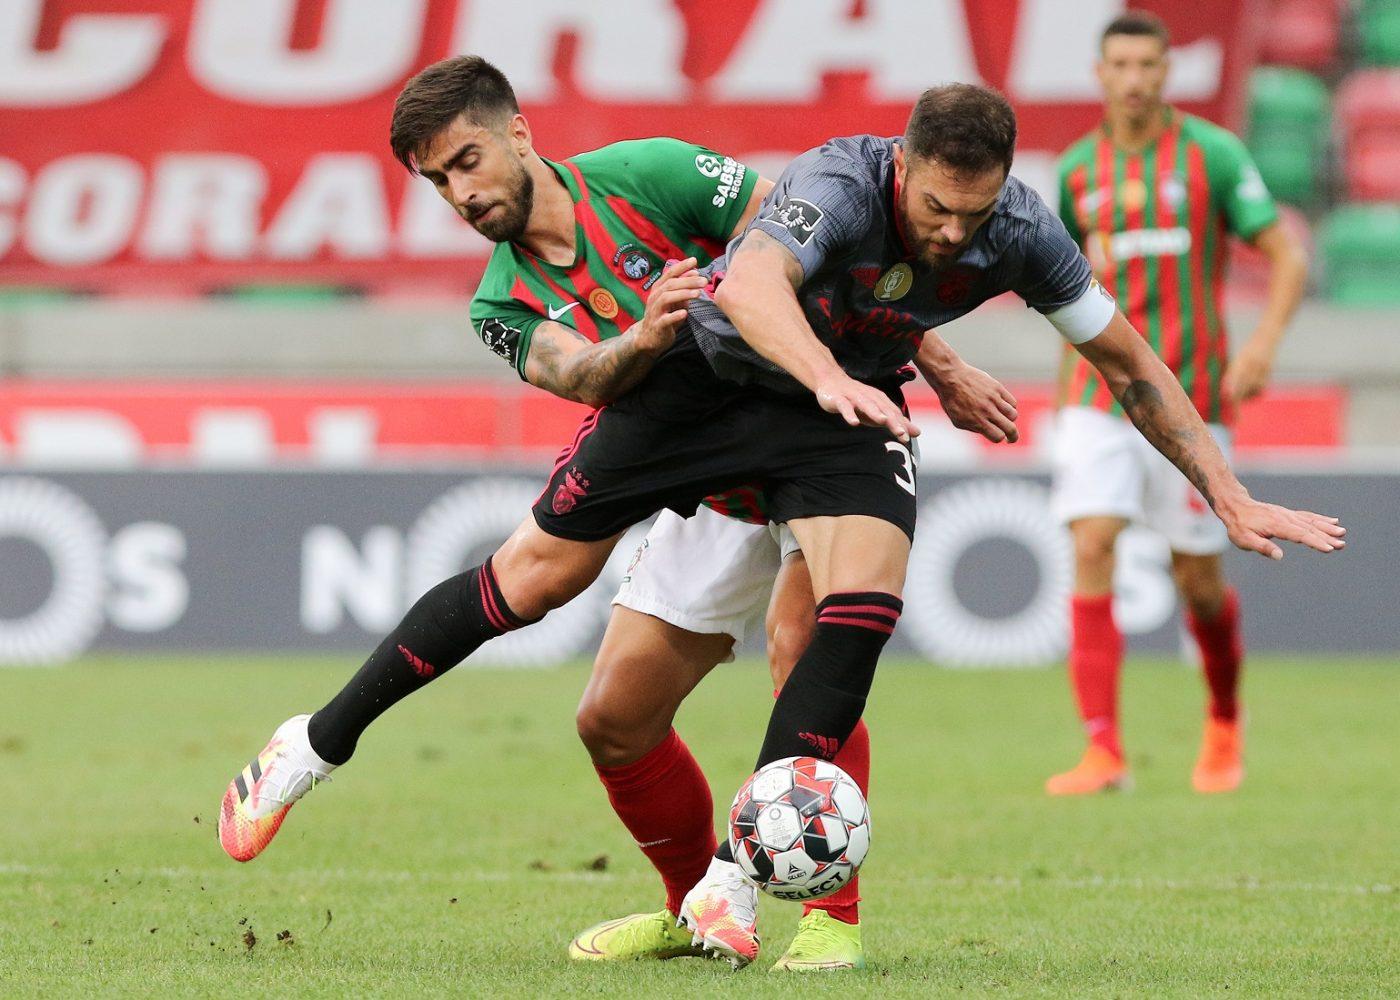 Soi kèo Maritimo vs Benfica, 02h00 ngày 1/12, VĐQG Bồ Đào Nha